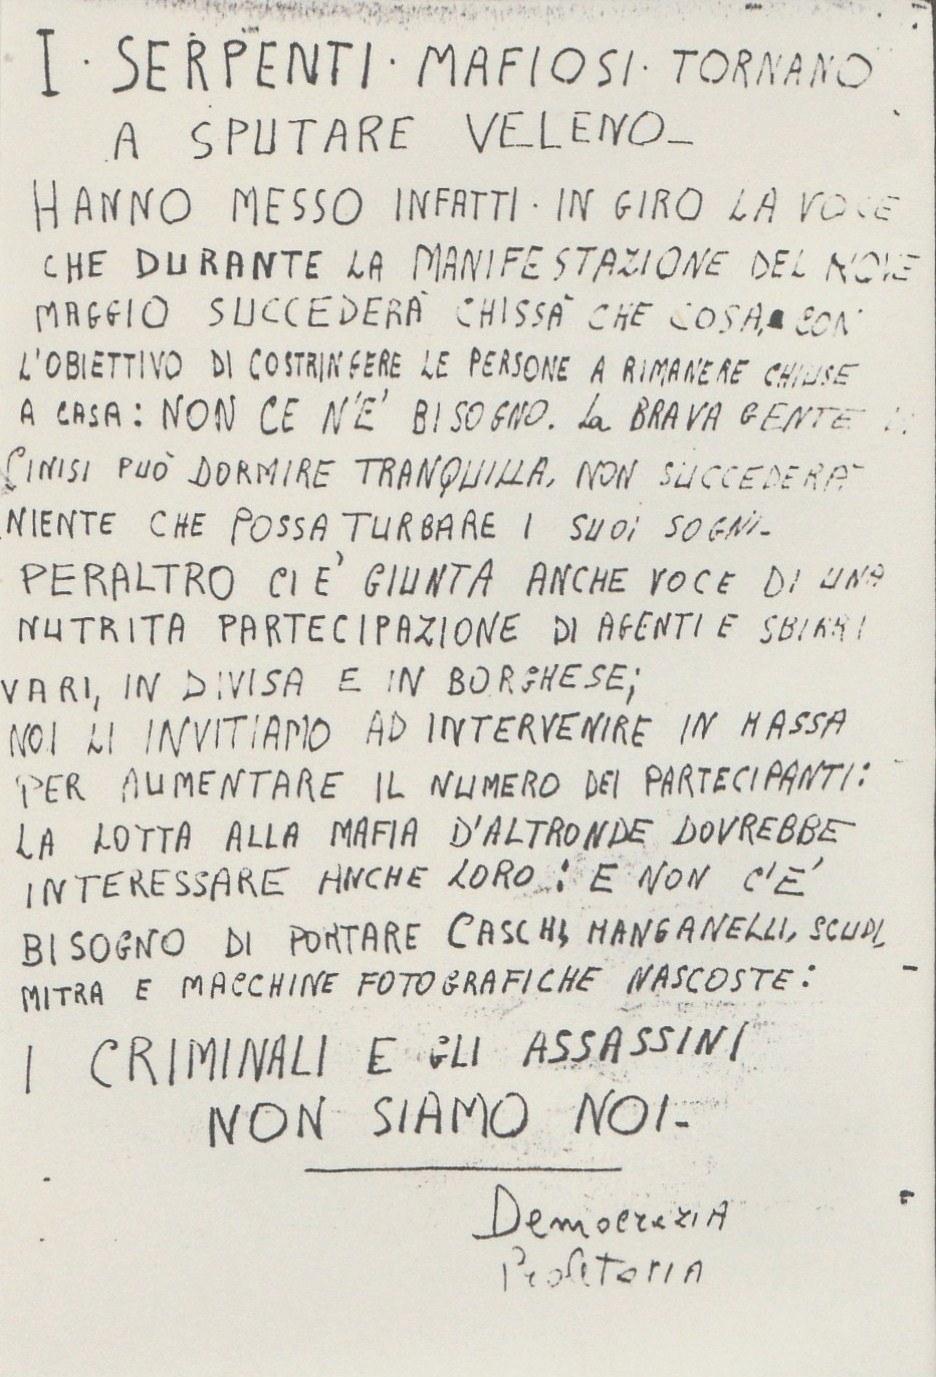 1979 I serpenti mafiosi